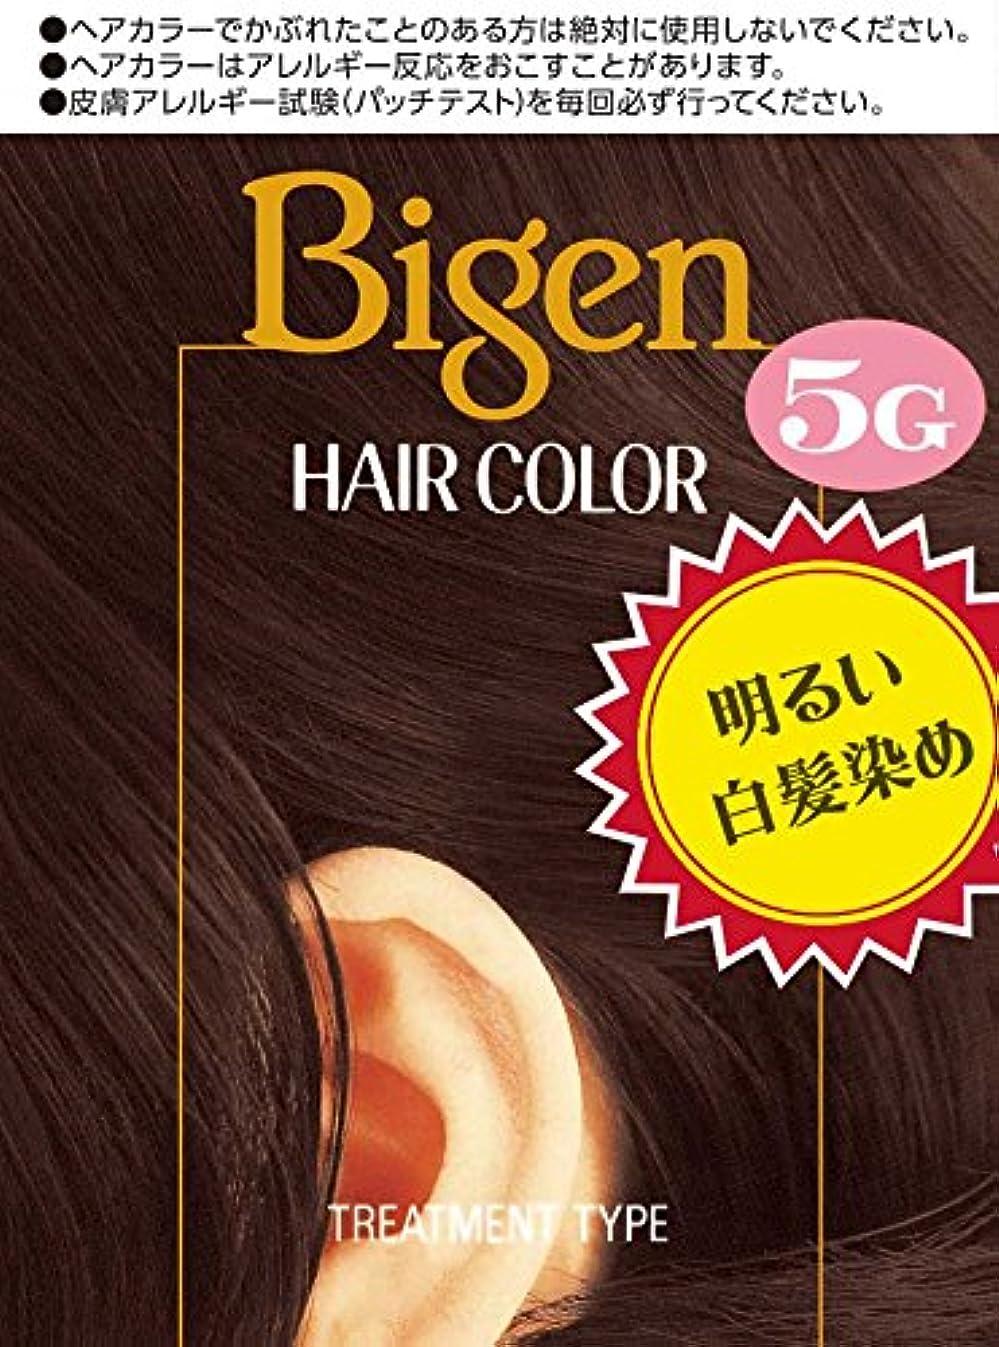 探す主要な爆風ホーユー ビゲン ヘアカラー 5G (深い栗色) 1剤40mL+2剤40mL [医薬部外品]